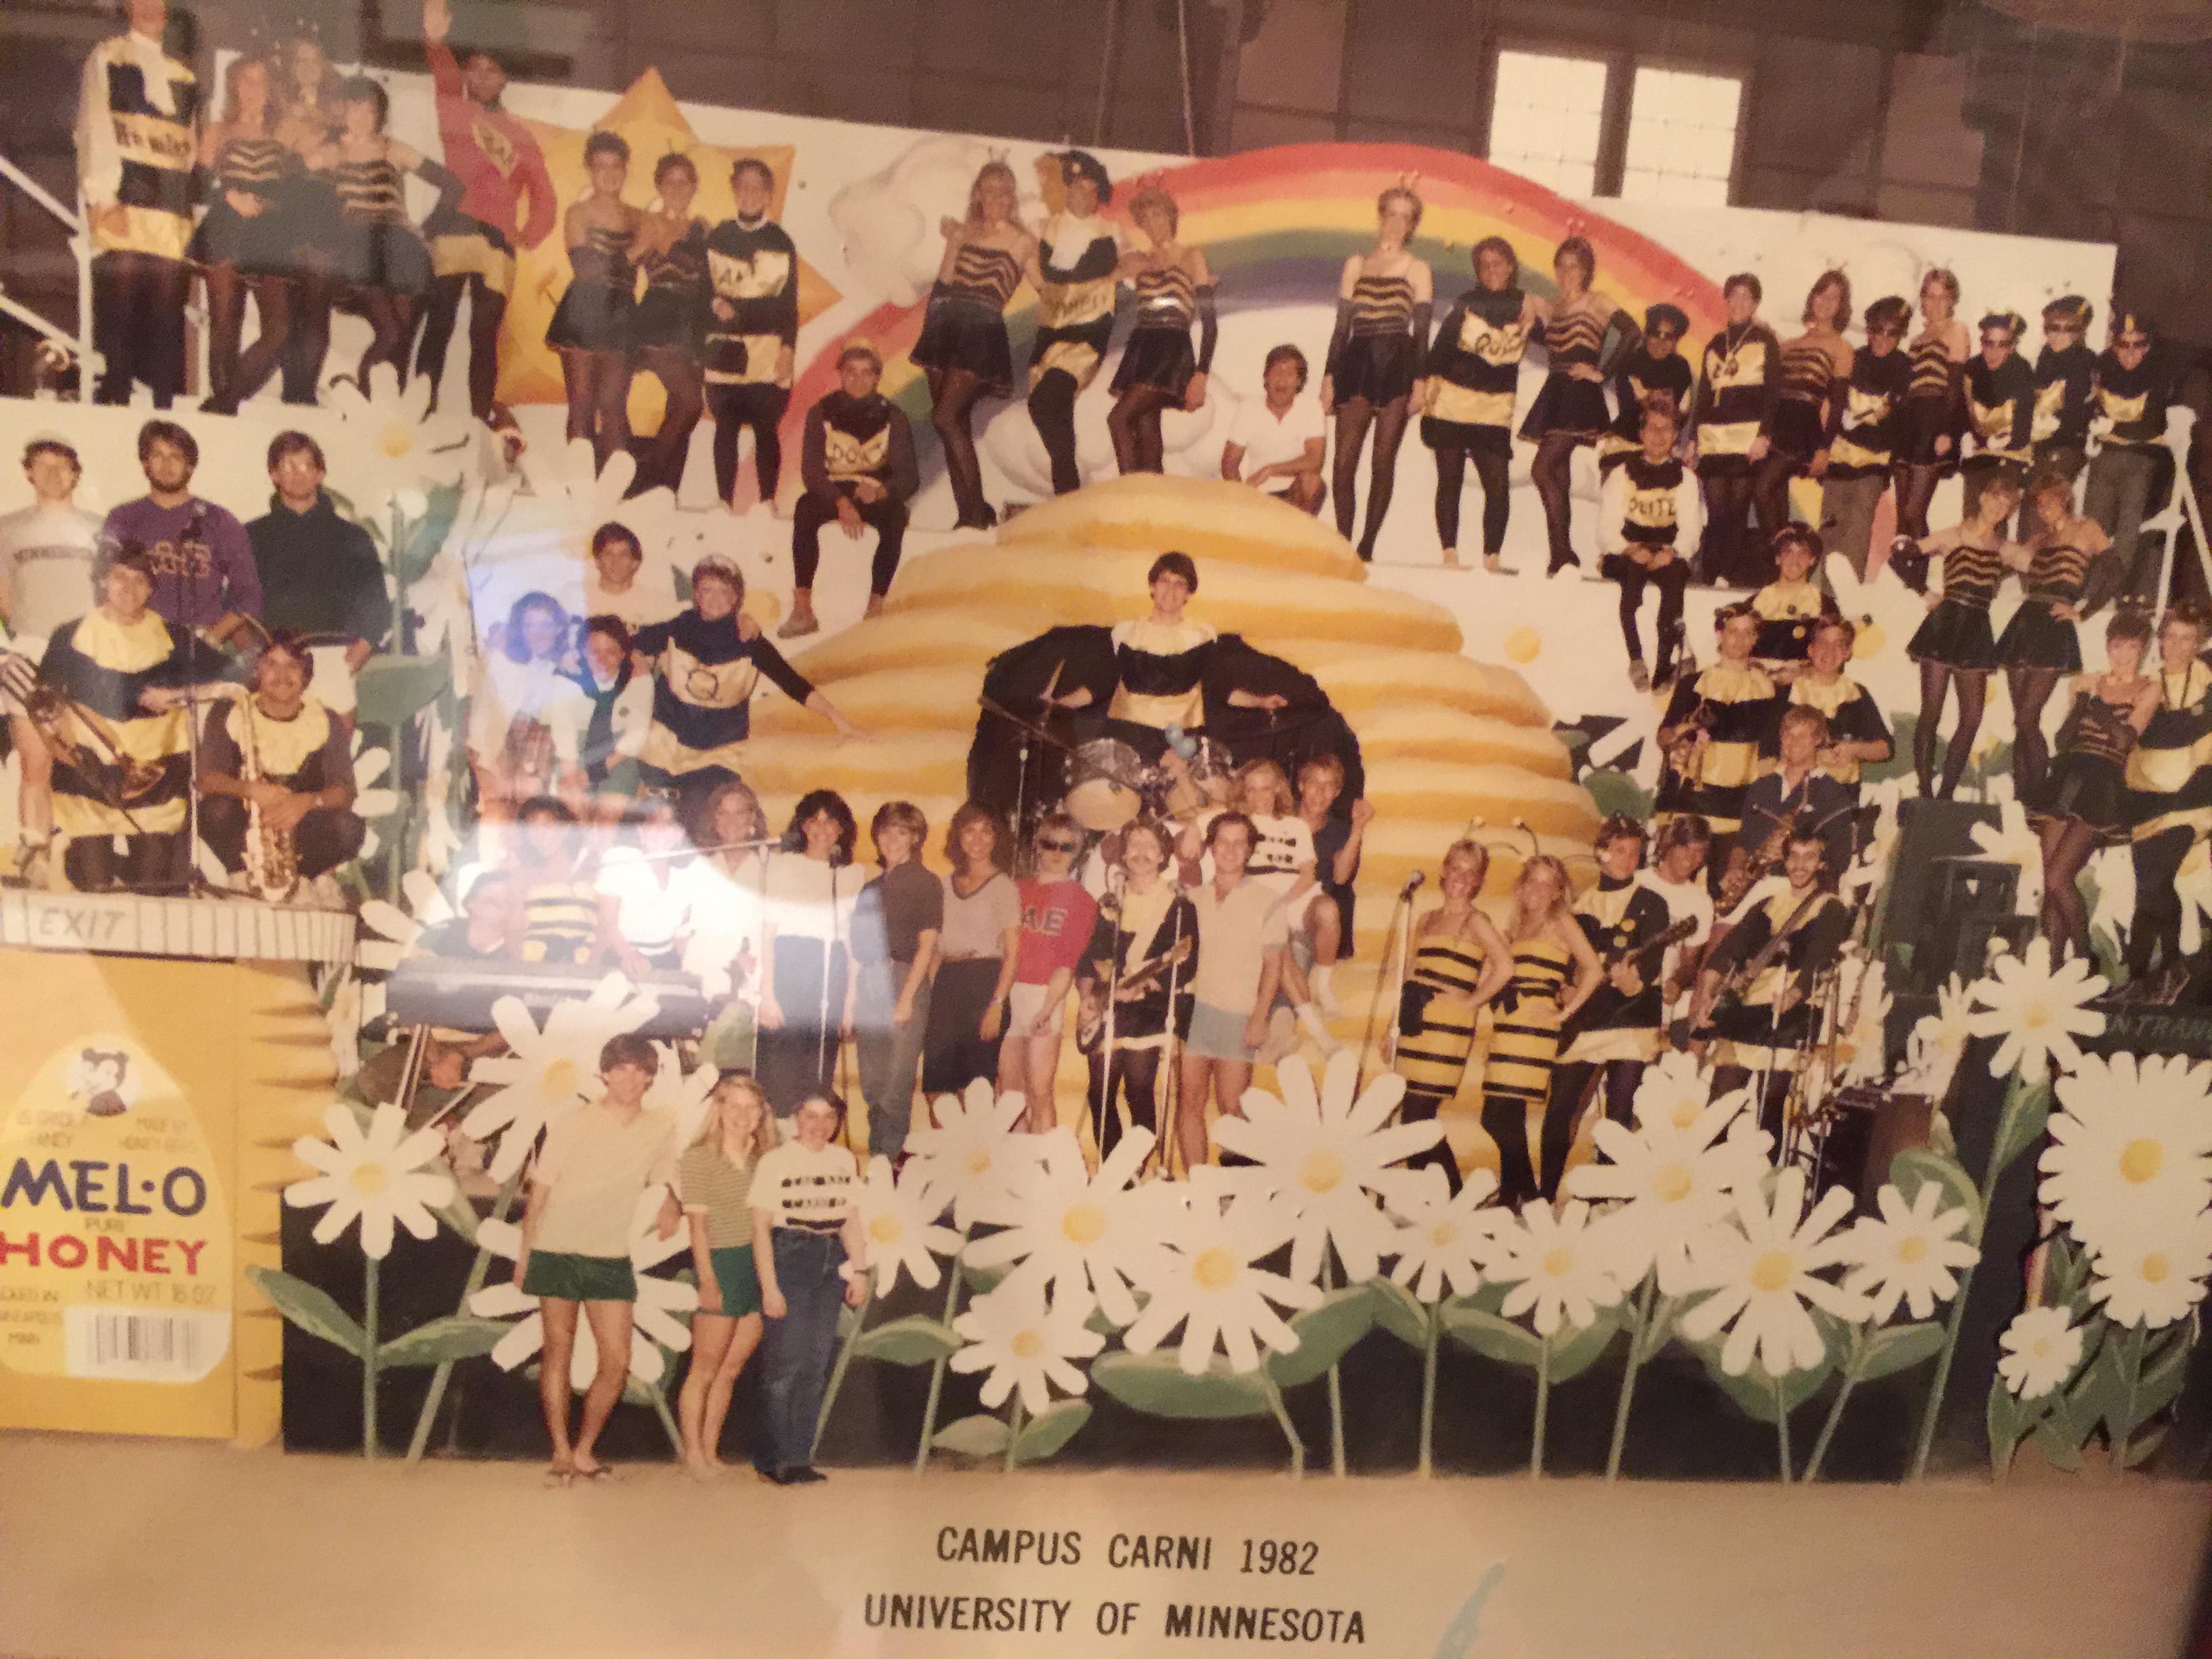 Campus Carni 1982